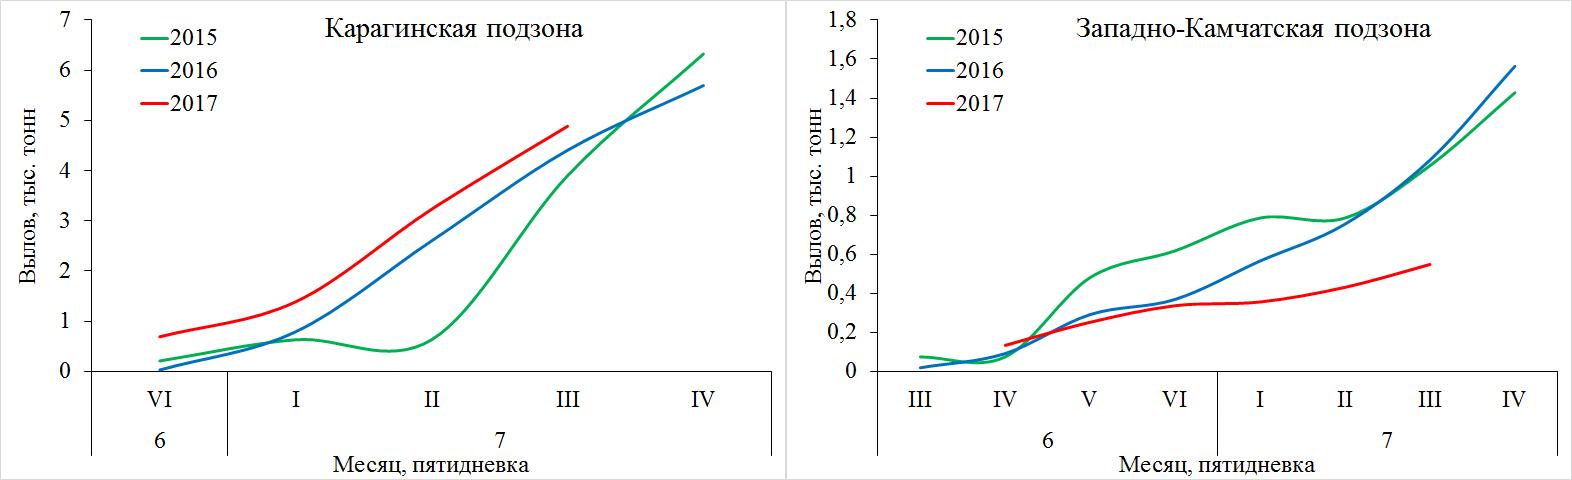 Рис. 5. Динамика вылова кеты в Карагинской и западно-Камчатской подзонах в 2015–2017 гг.